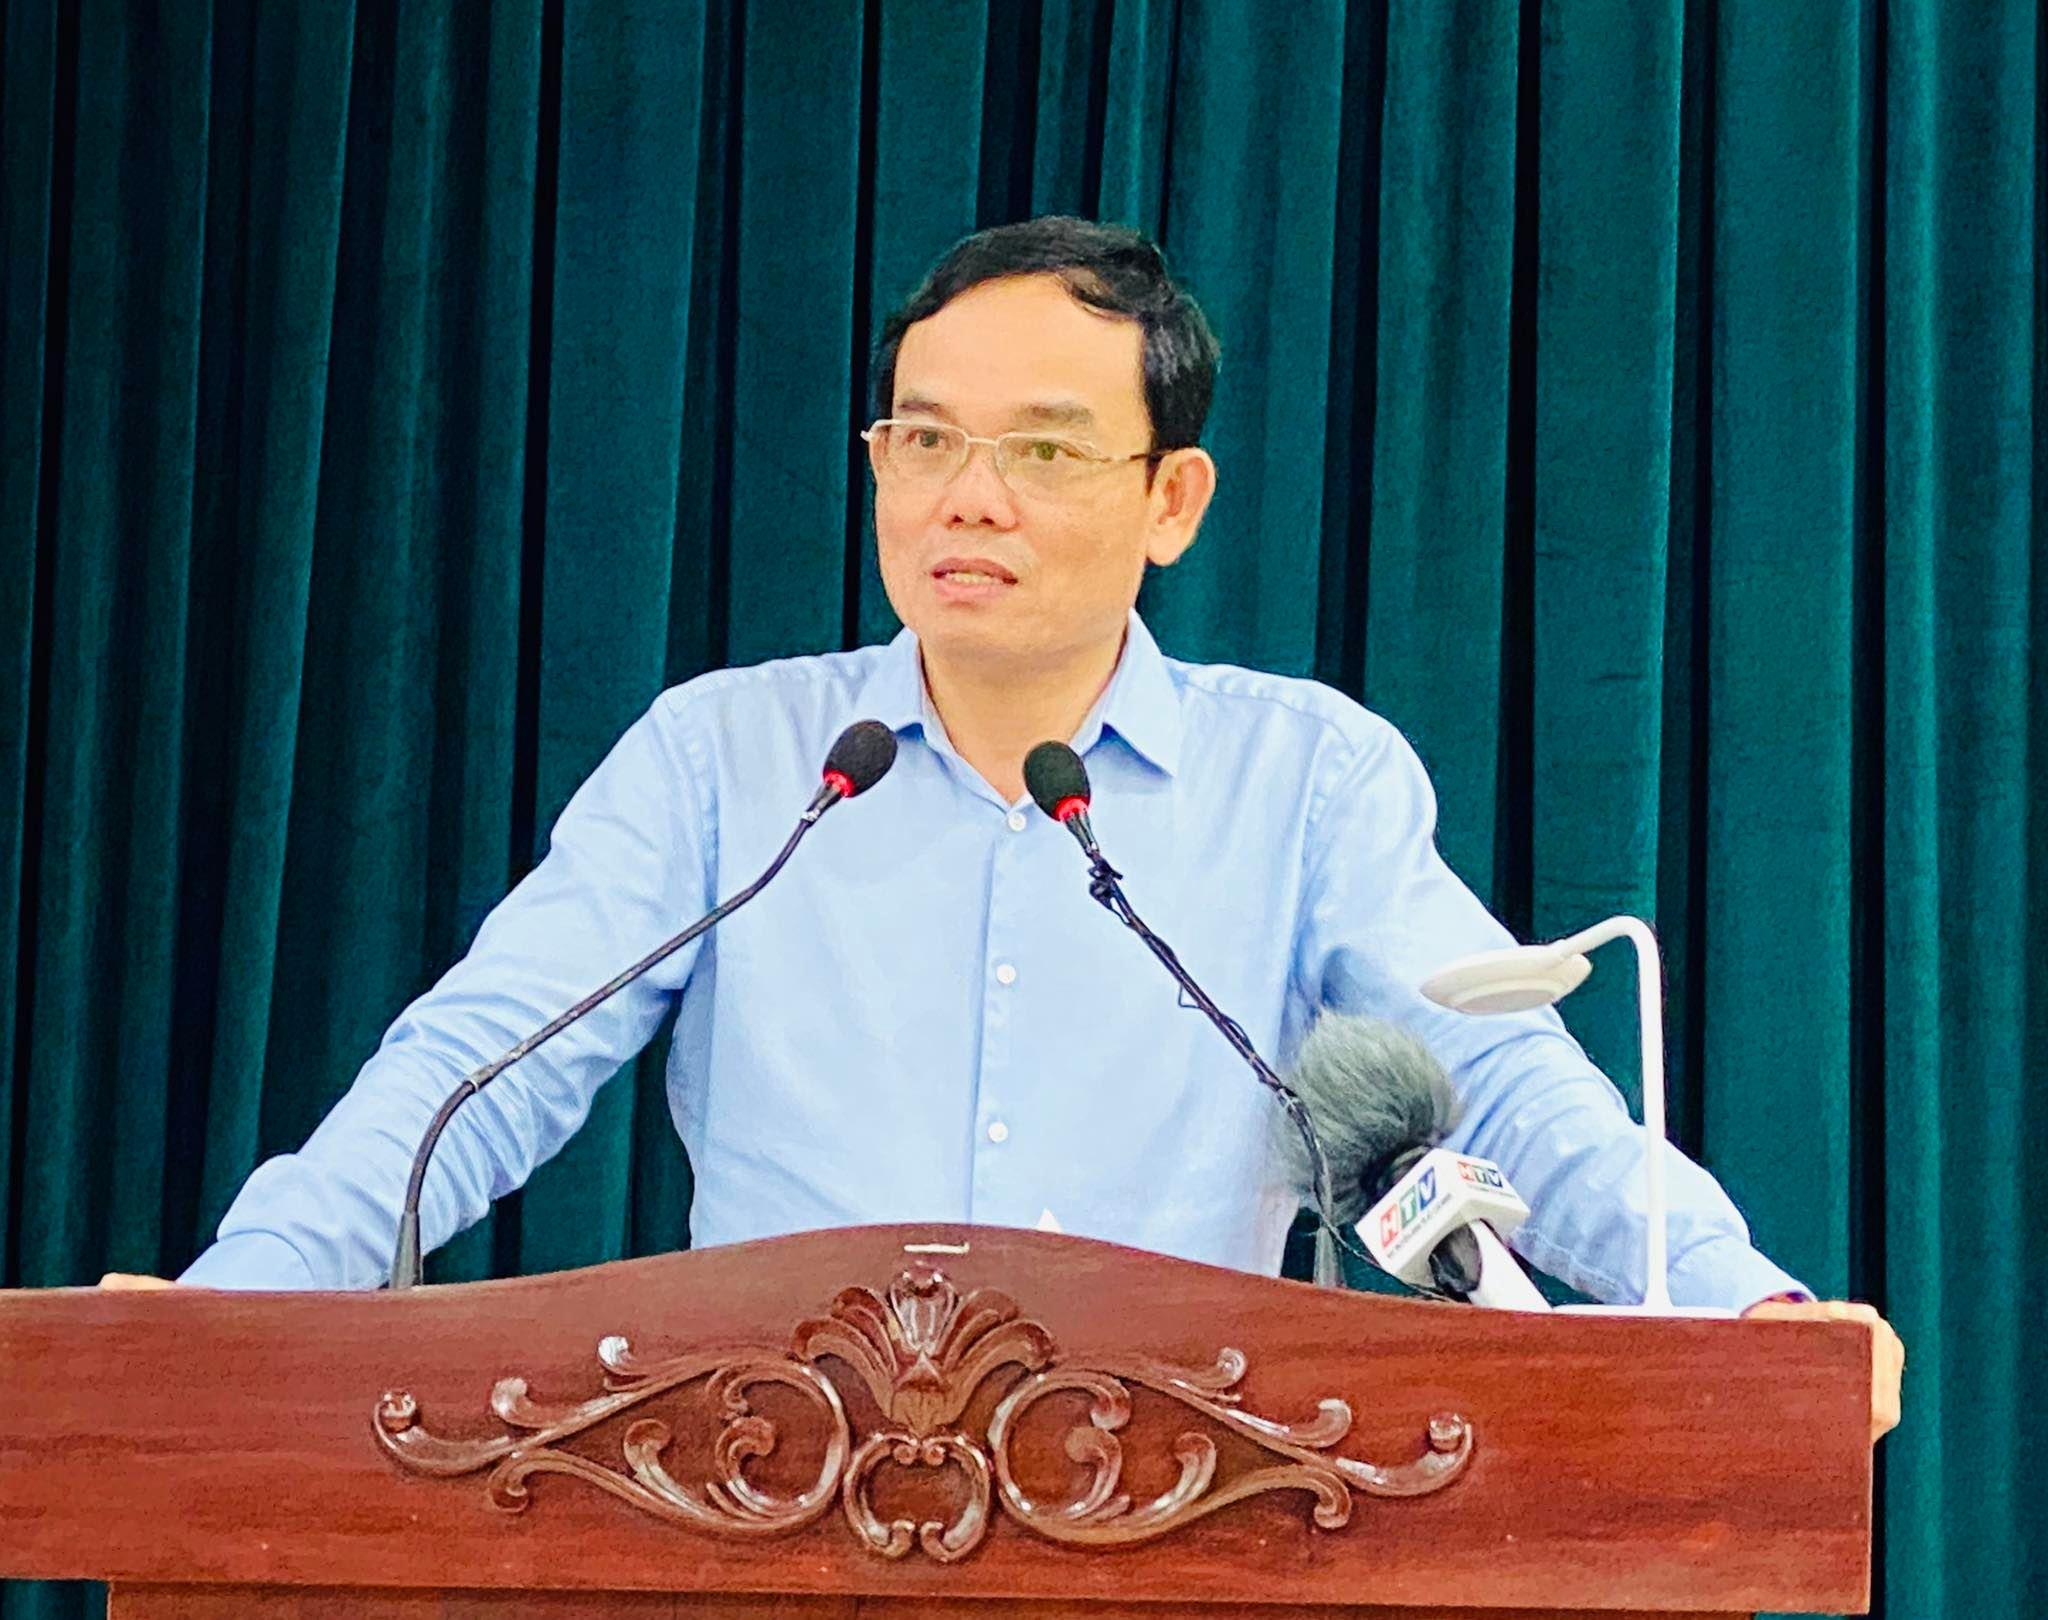 Ma túy- nguy cơ lớn đe dọa sự bình yên và phát triển của TP Hồ Chí Minh